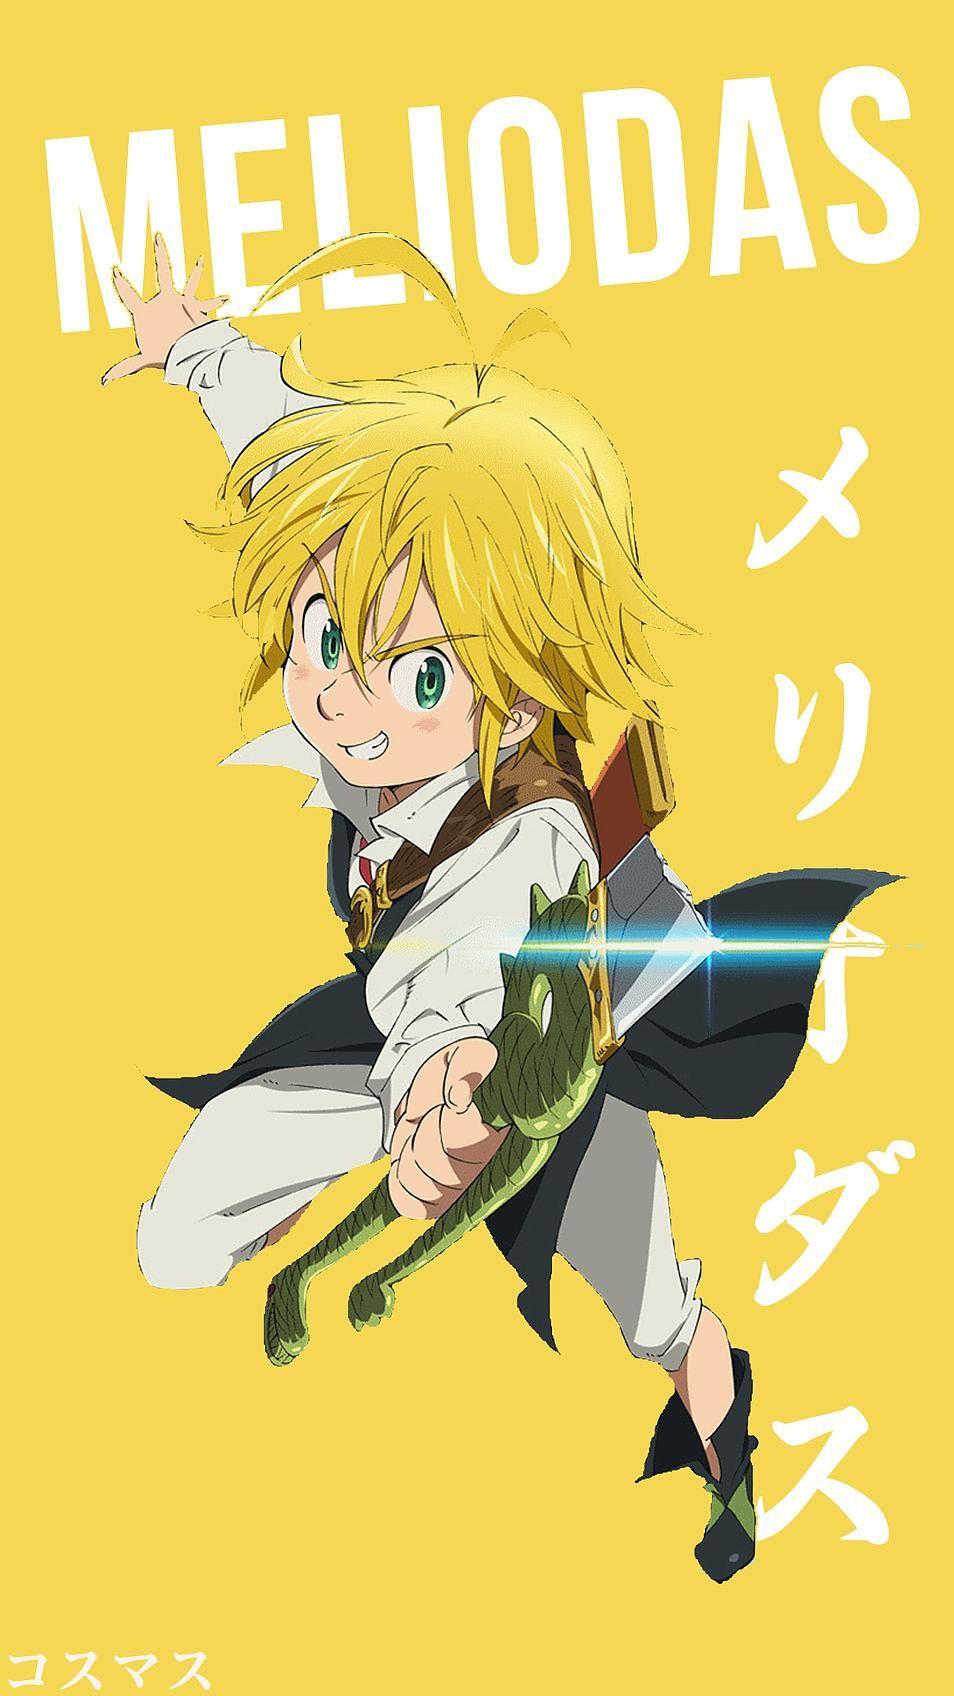 Meliodas Anime Characters Seven Deadly Sins Anime Anime